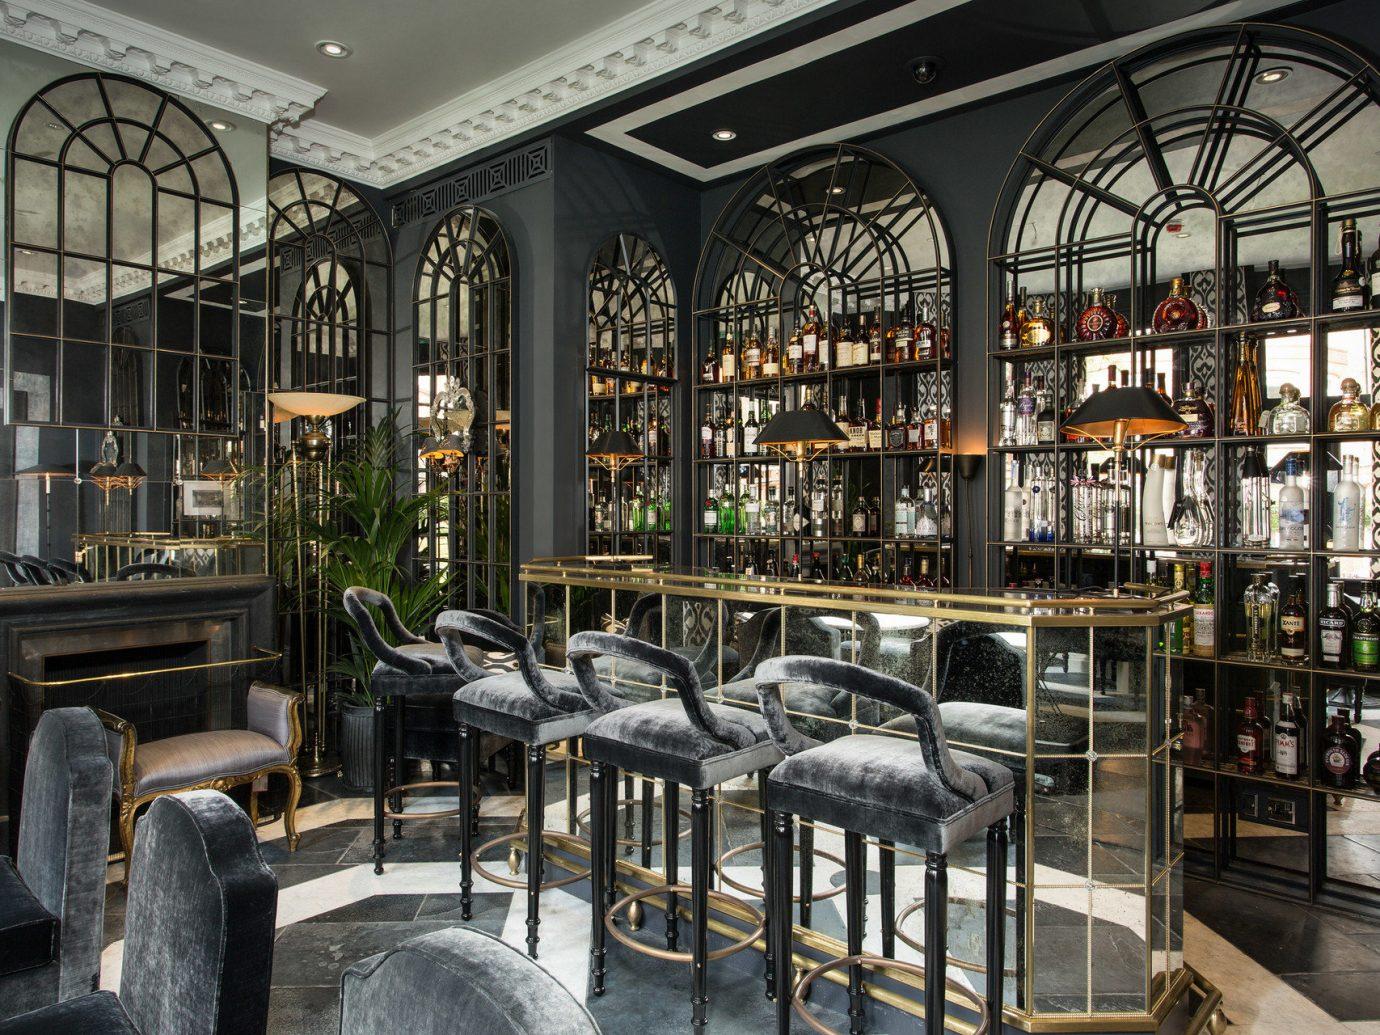 Boutique Hotels Hotels restaurant Bar interior design estate Design furniture